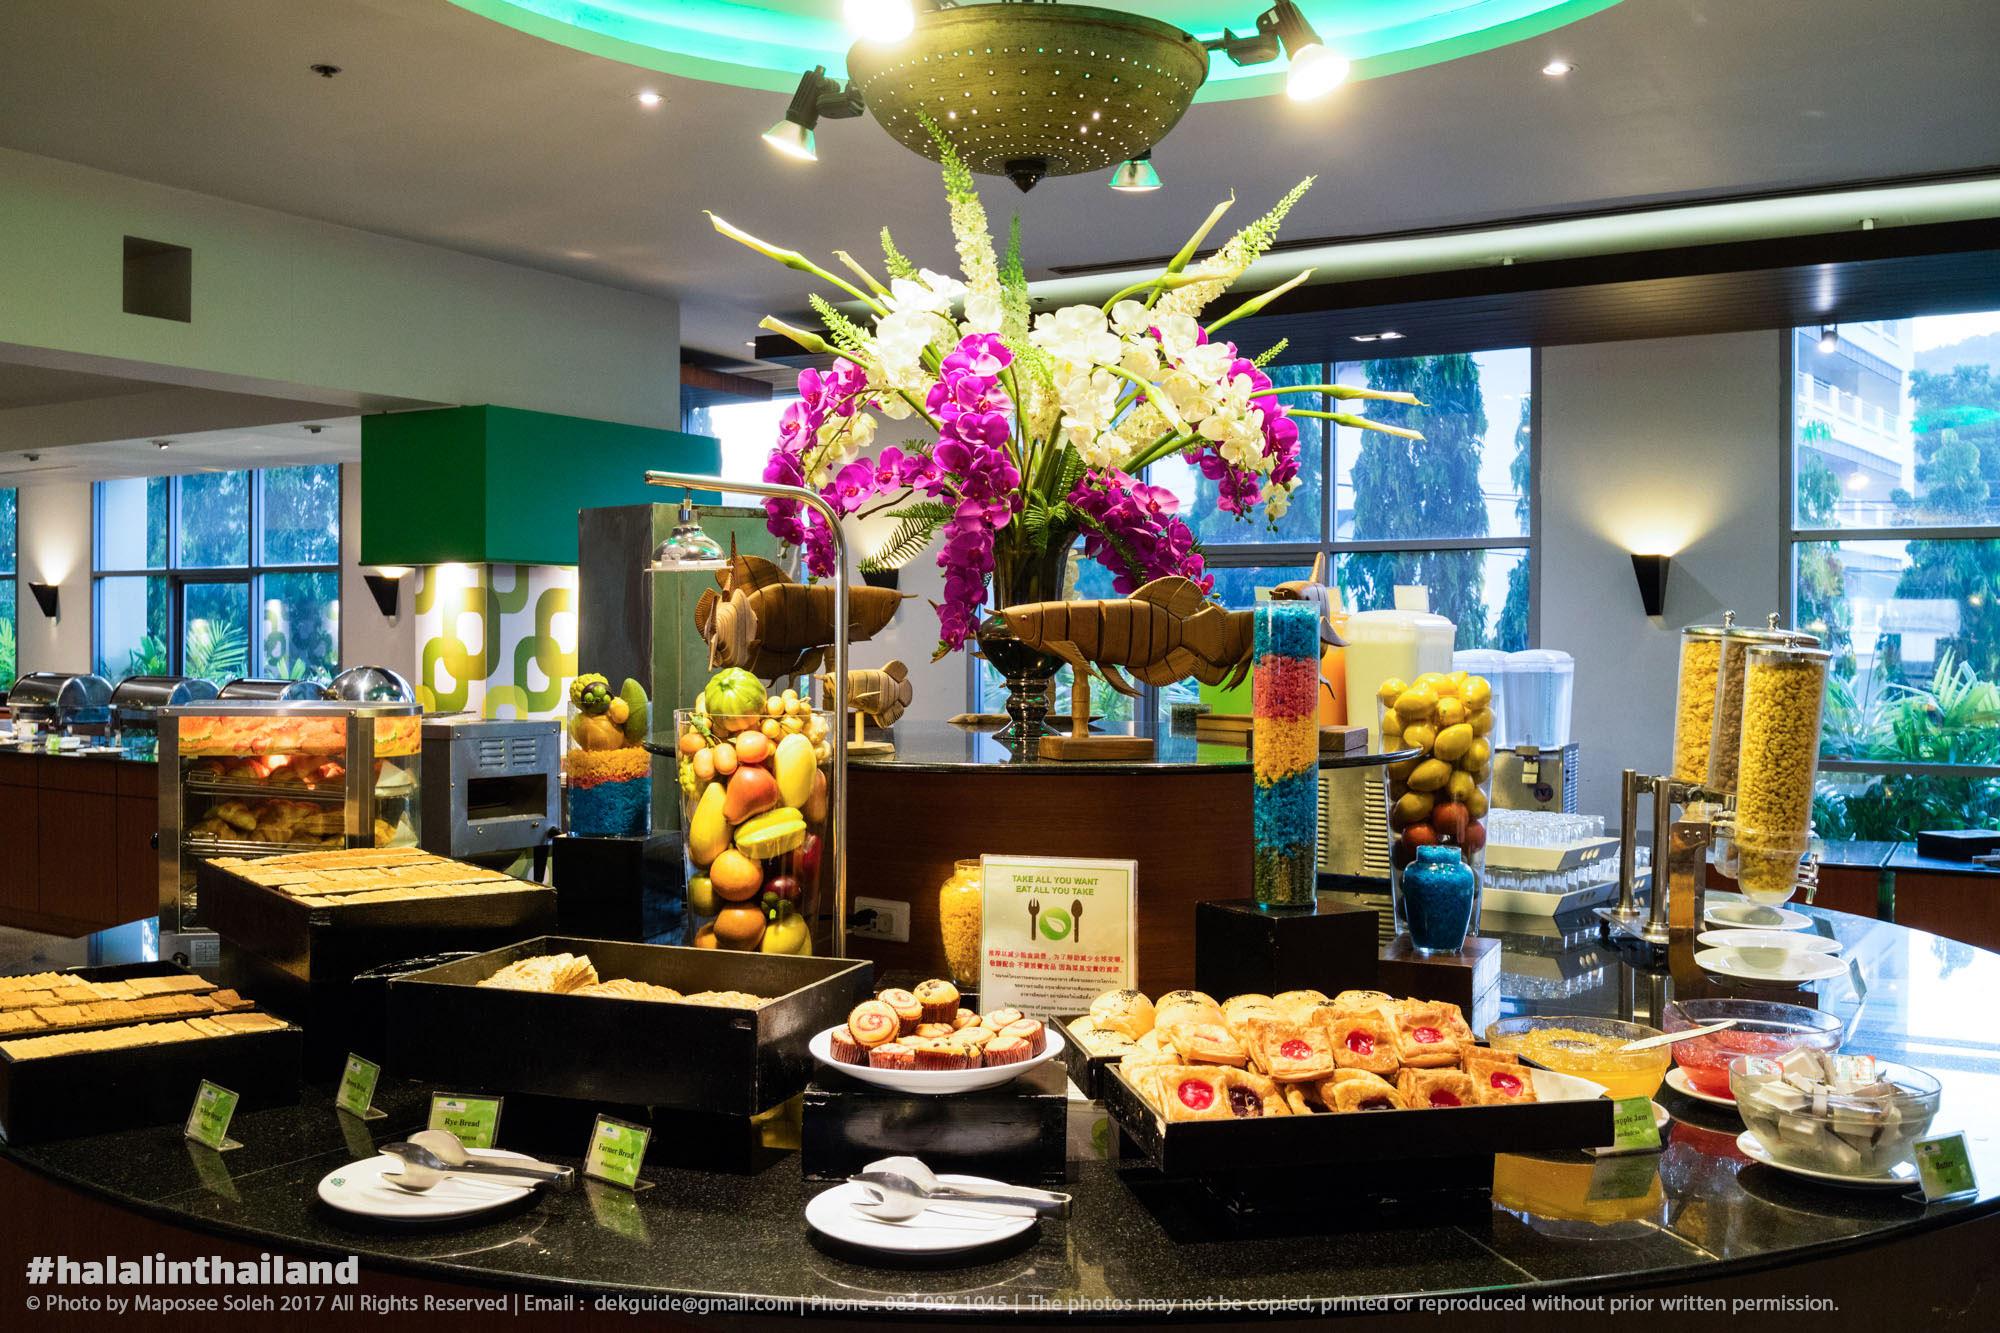 ห้องอาหารคาซาบลังก้า เดอะ รอยัล พาราไดซ์ โฮเทล แอนด์ สปา ภูเก็ต